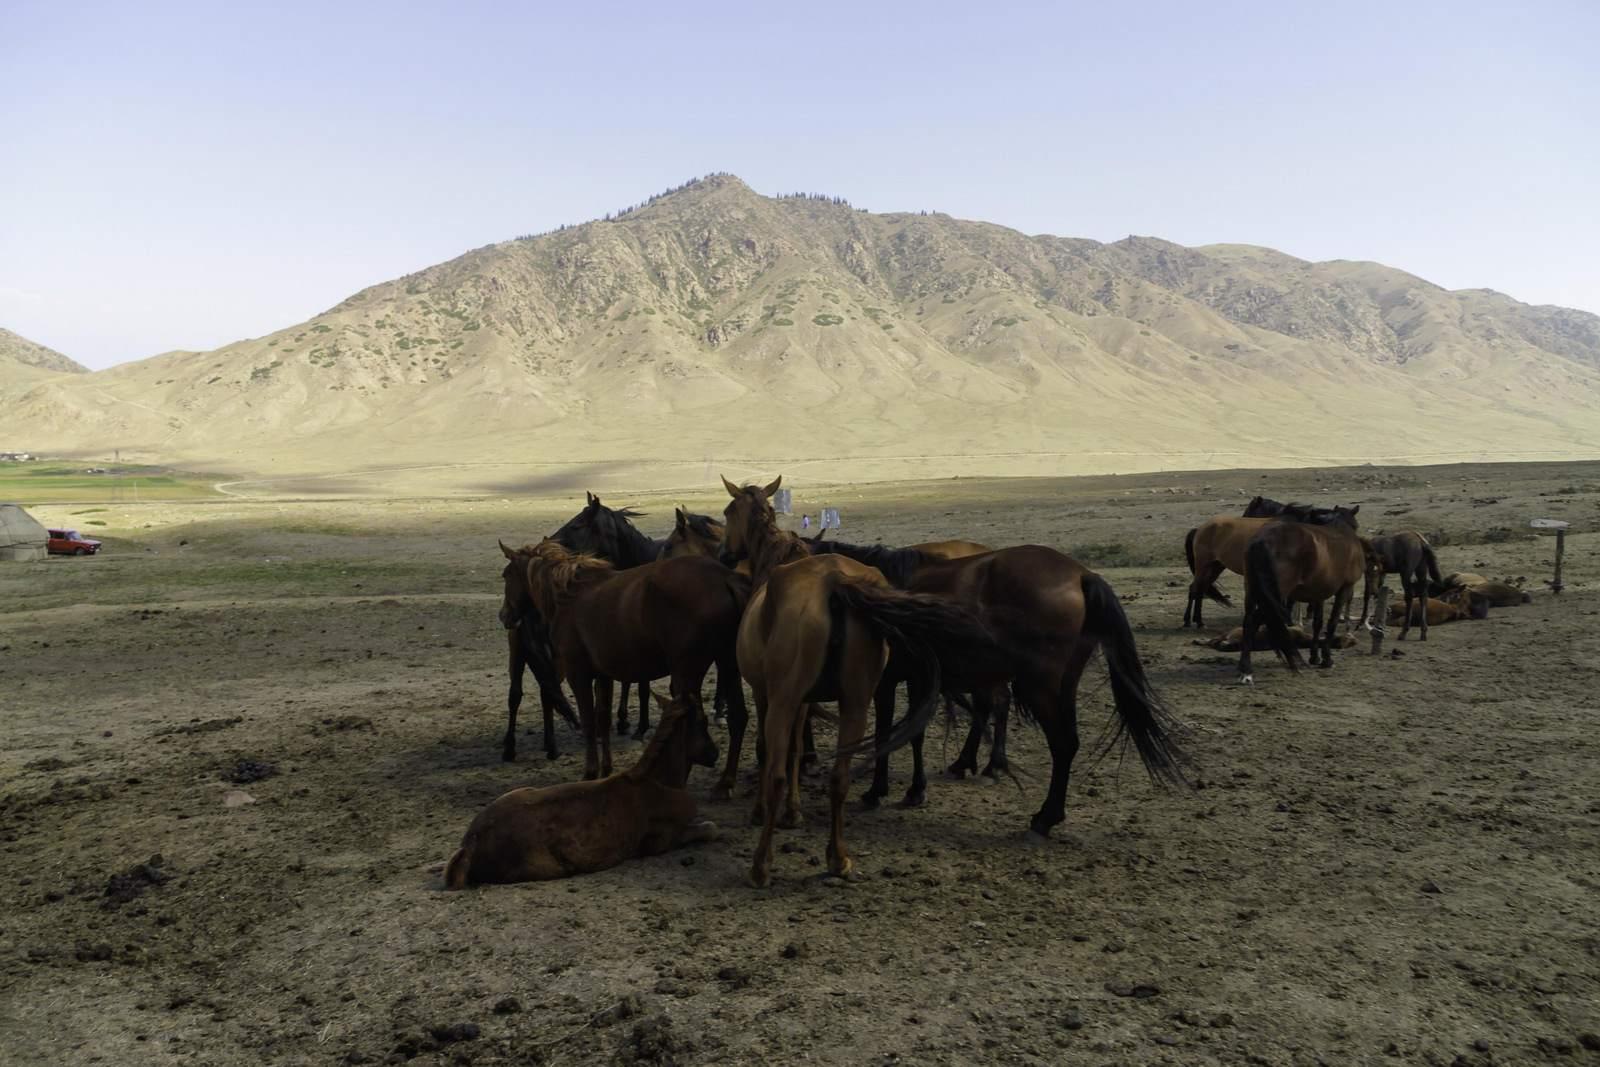 kyrgyzstan9 Visit Kyrgyzstan   Climbing Tastar Ata and Camping Issyk Kul lake